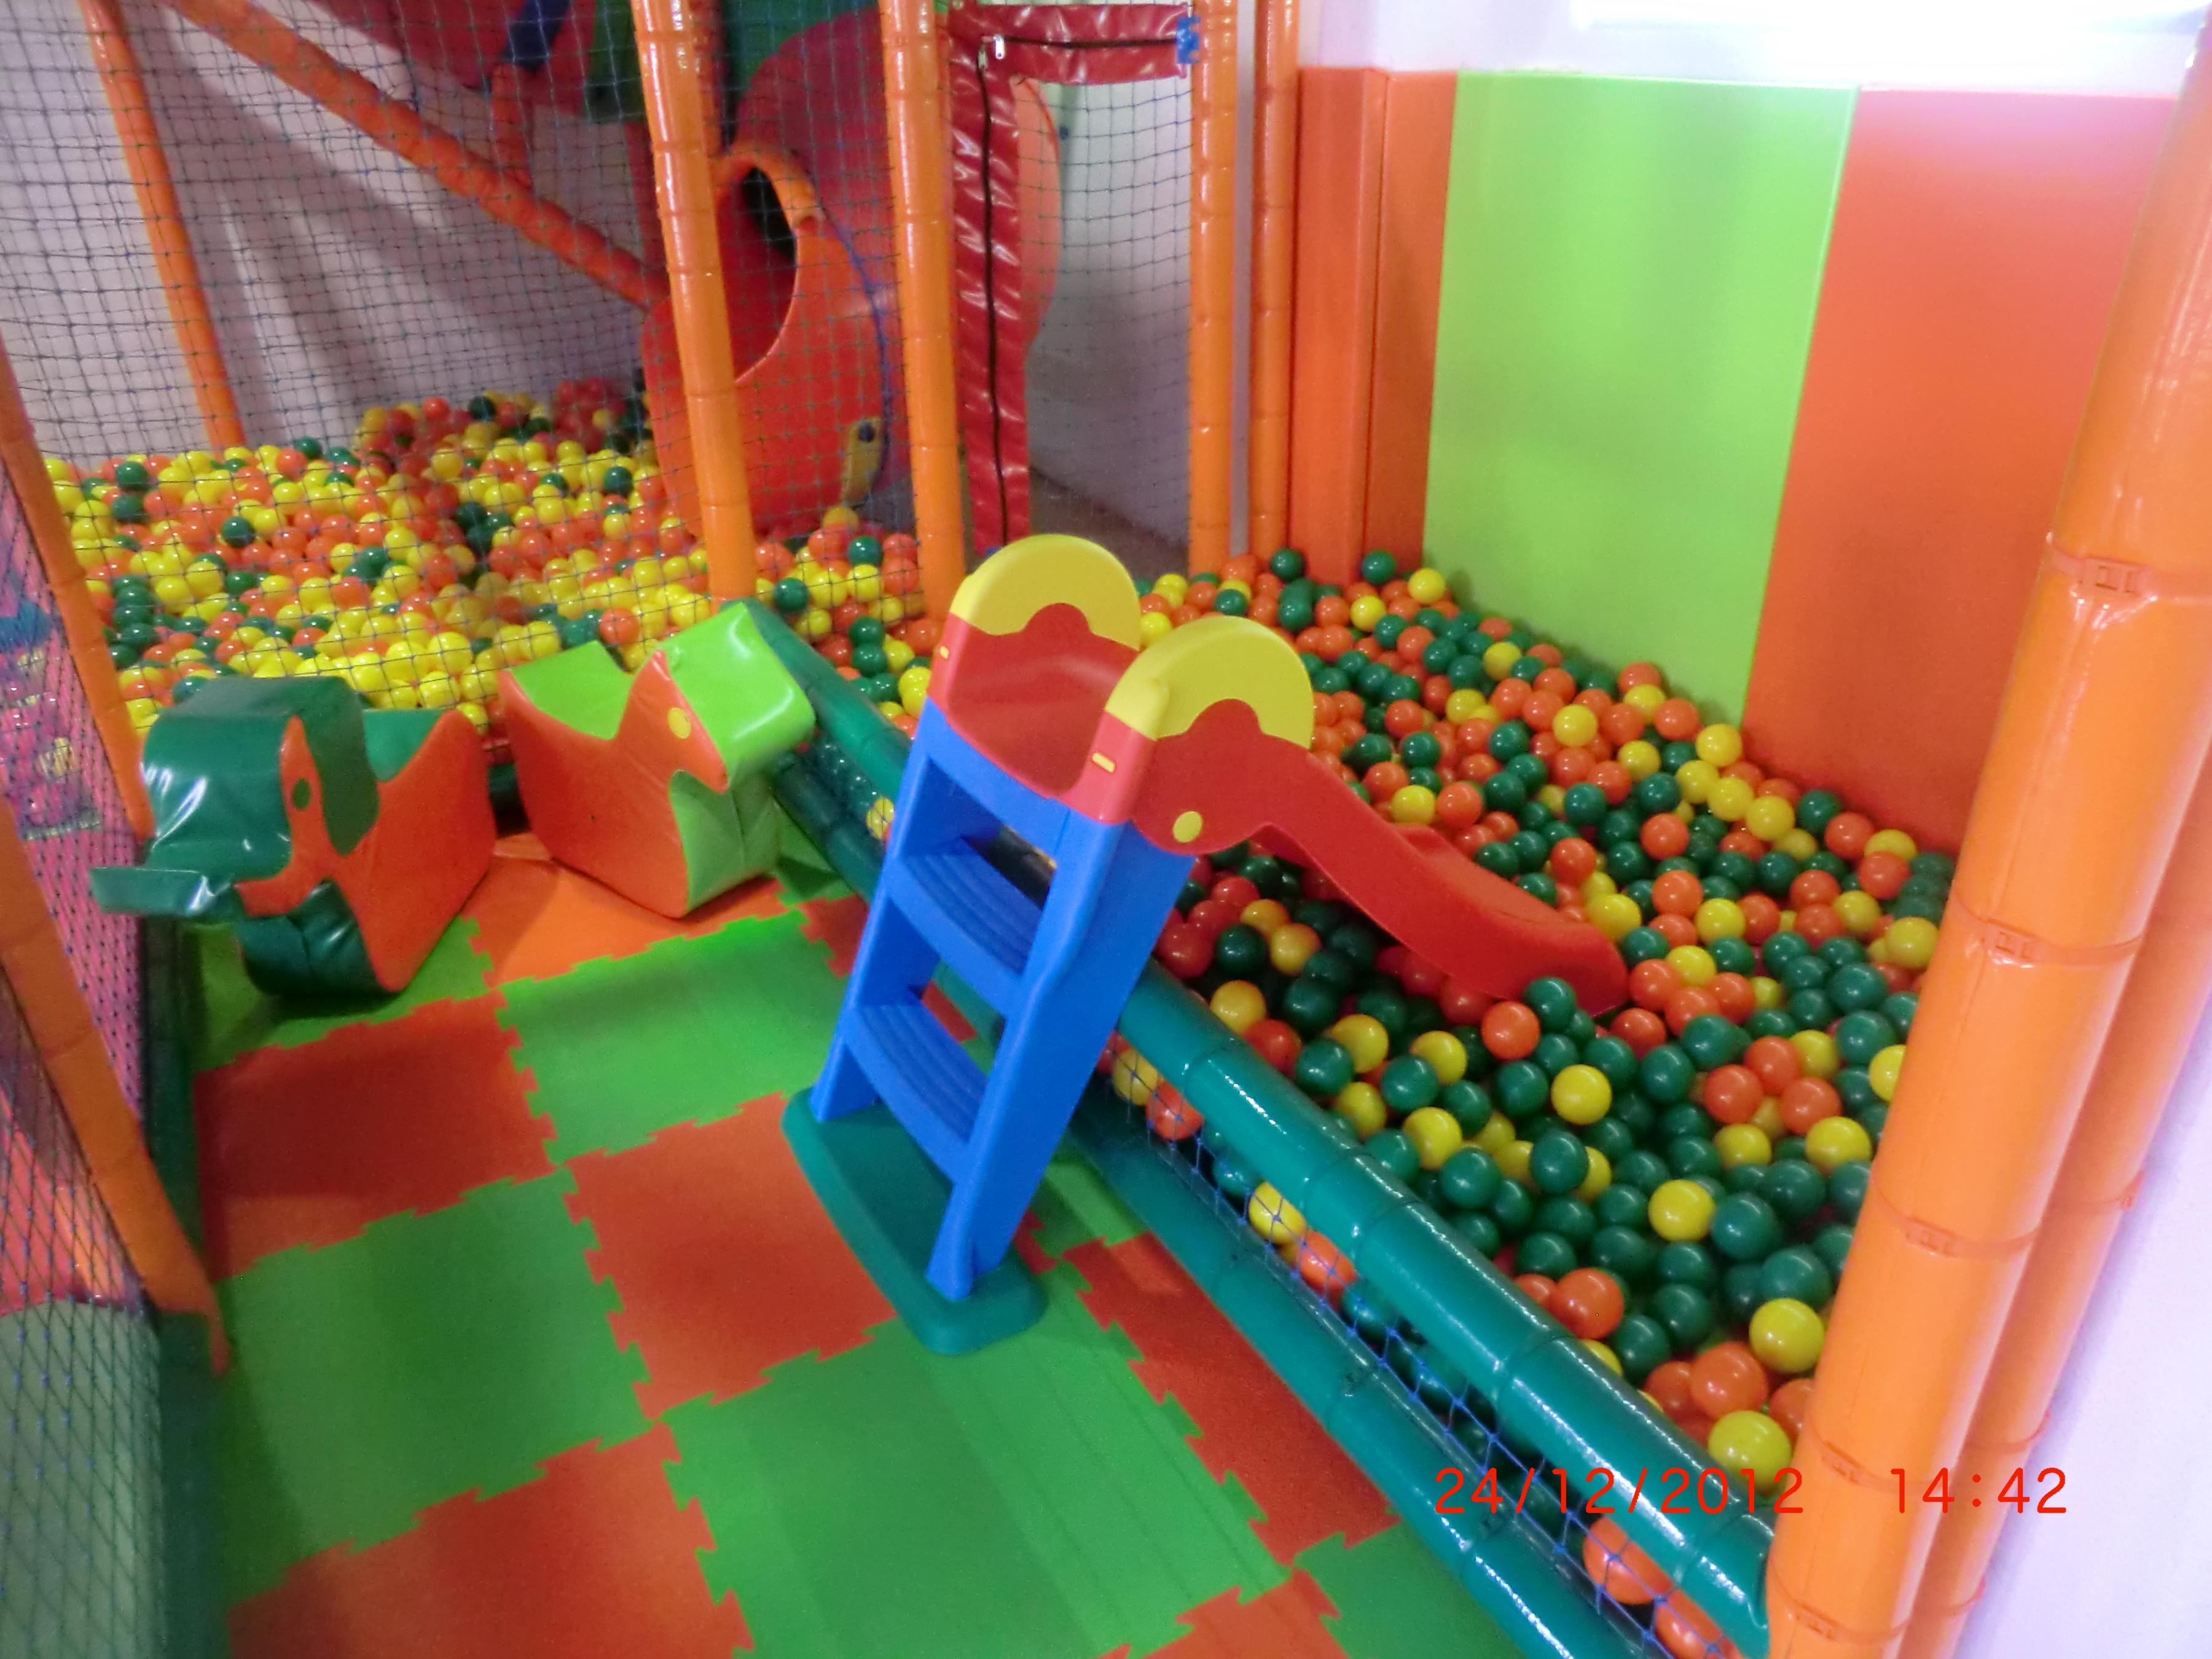 Fotos Parque de Bolas Escuela Infantil y Parque de bolas